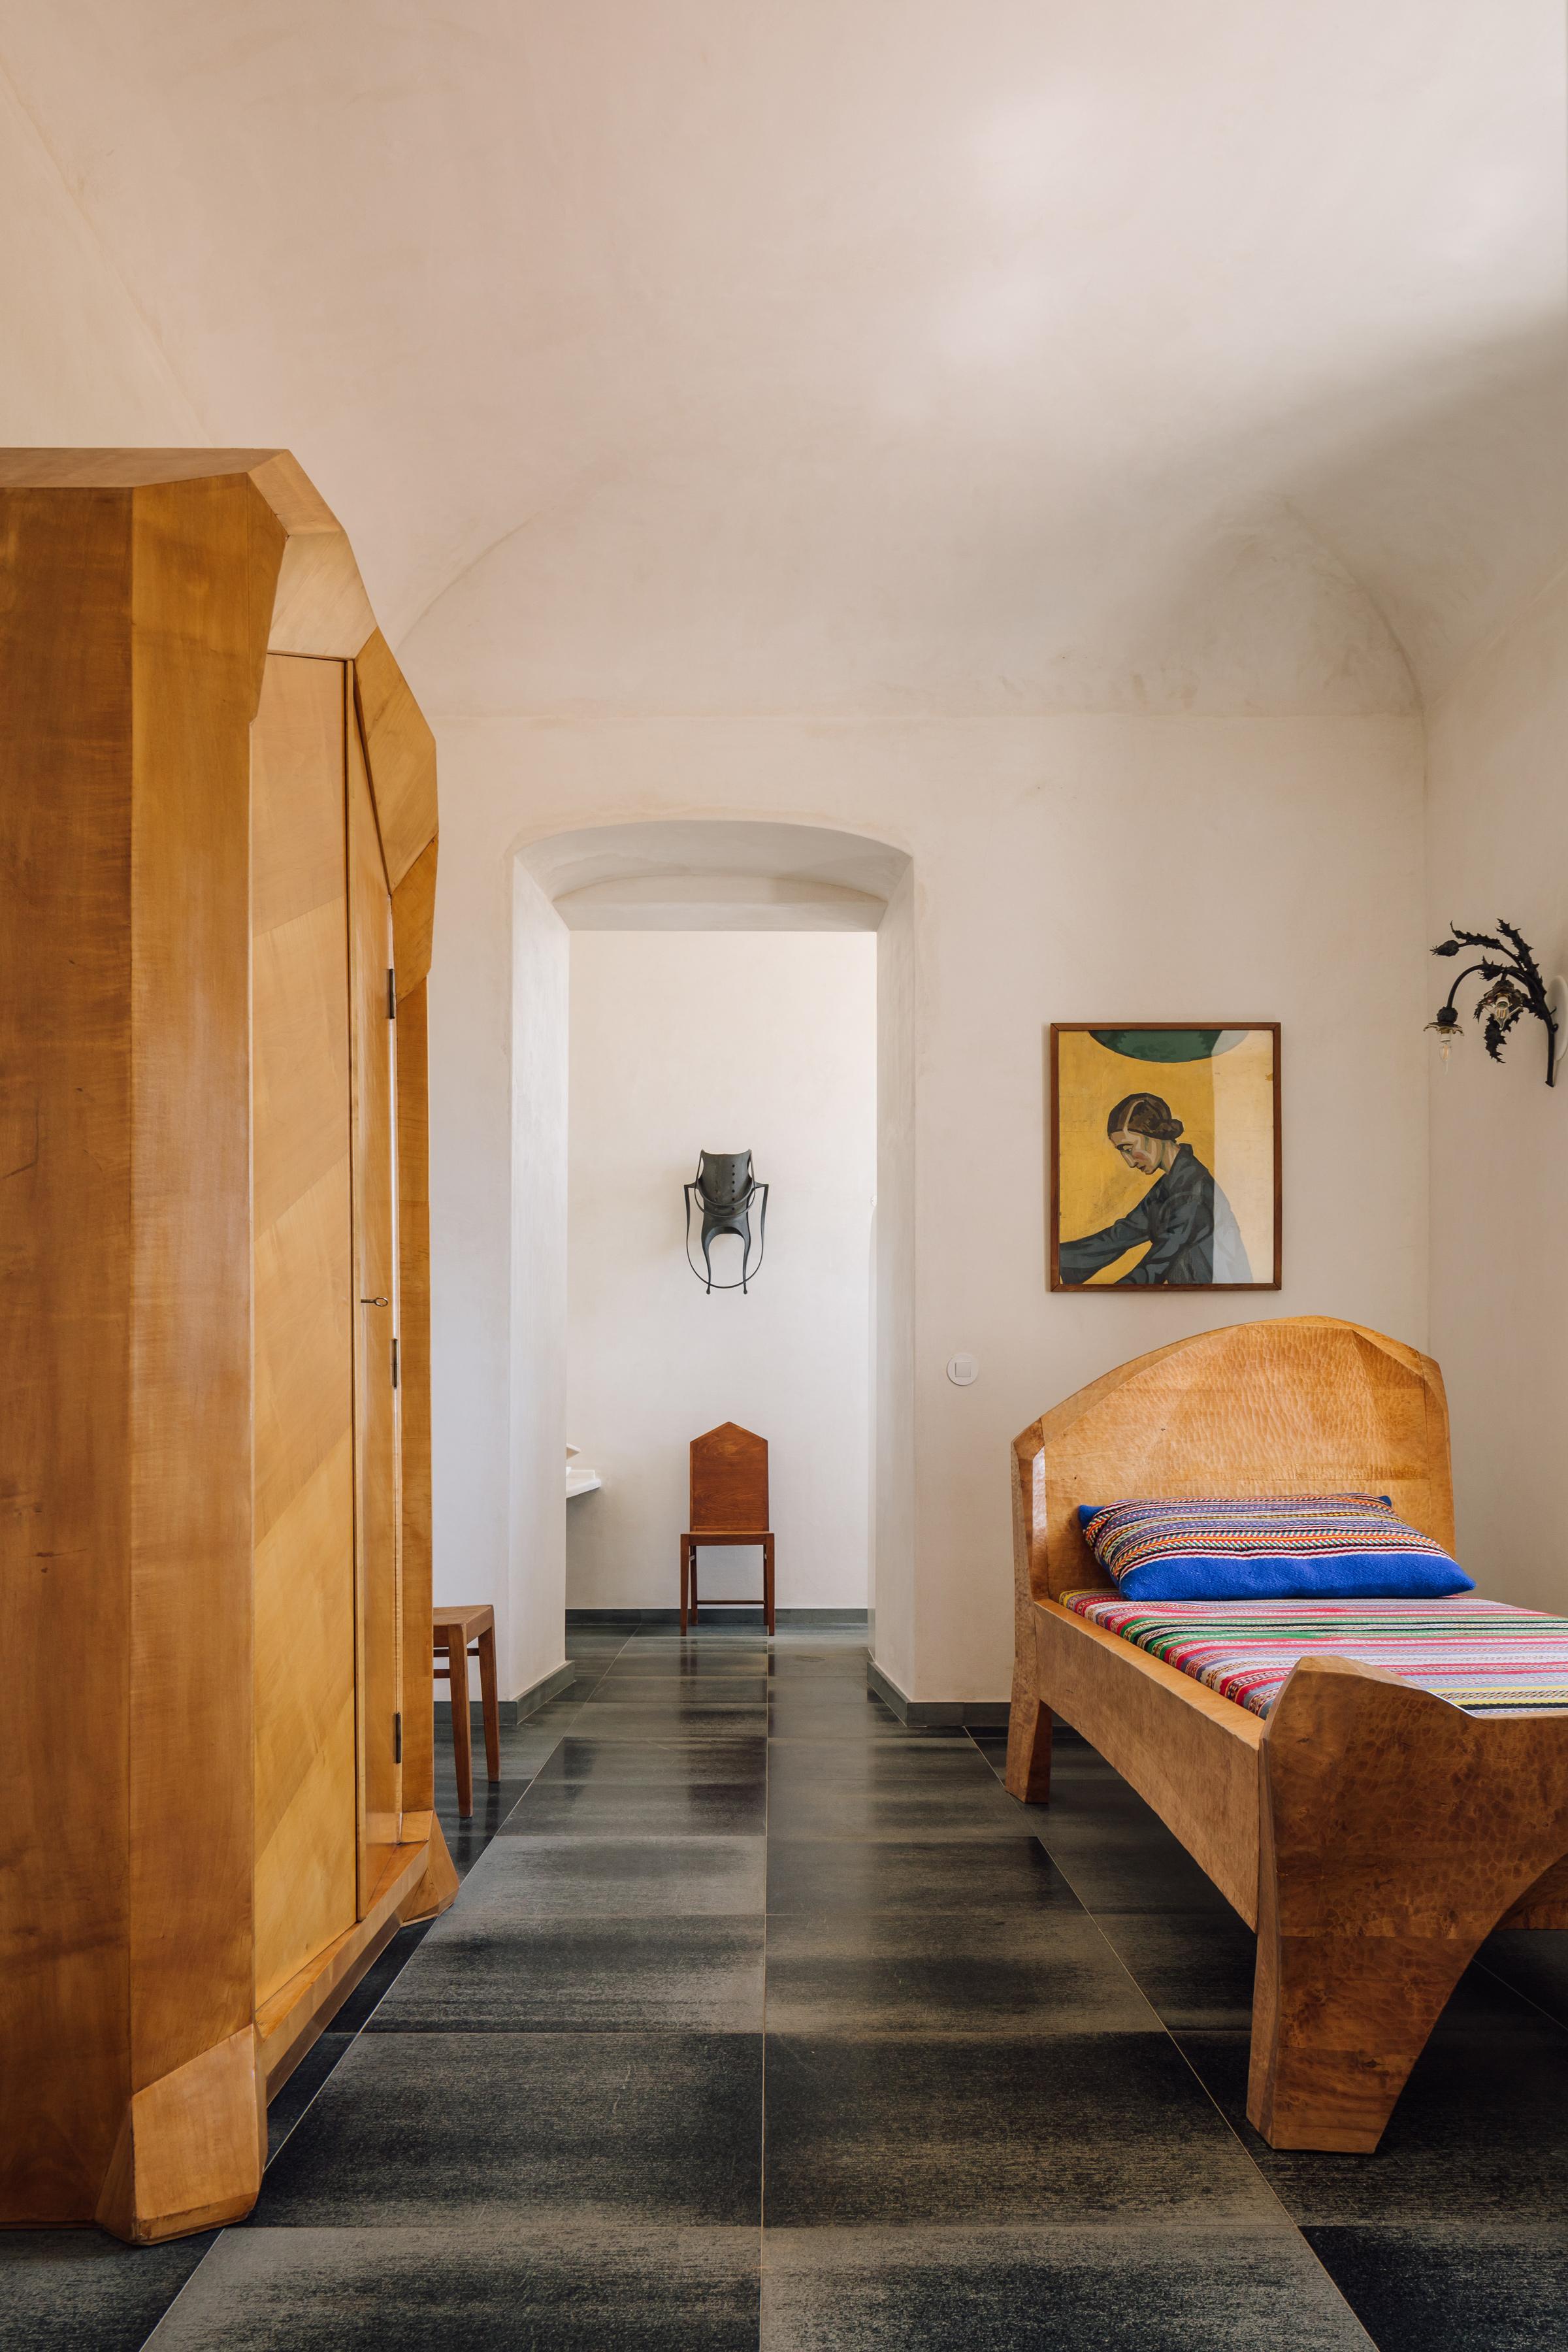 dalicenca-pt-stay-room-mybed-1